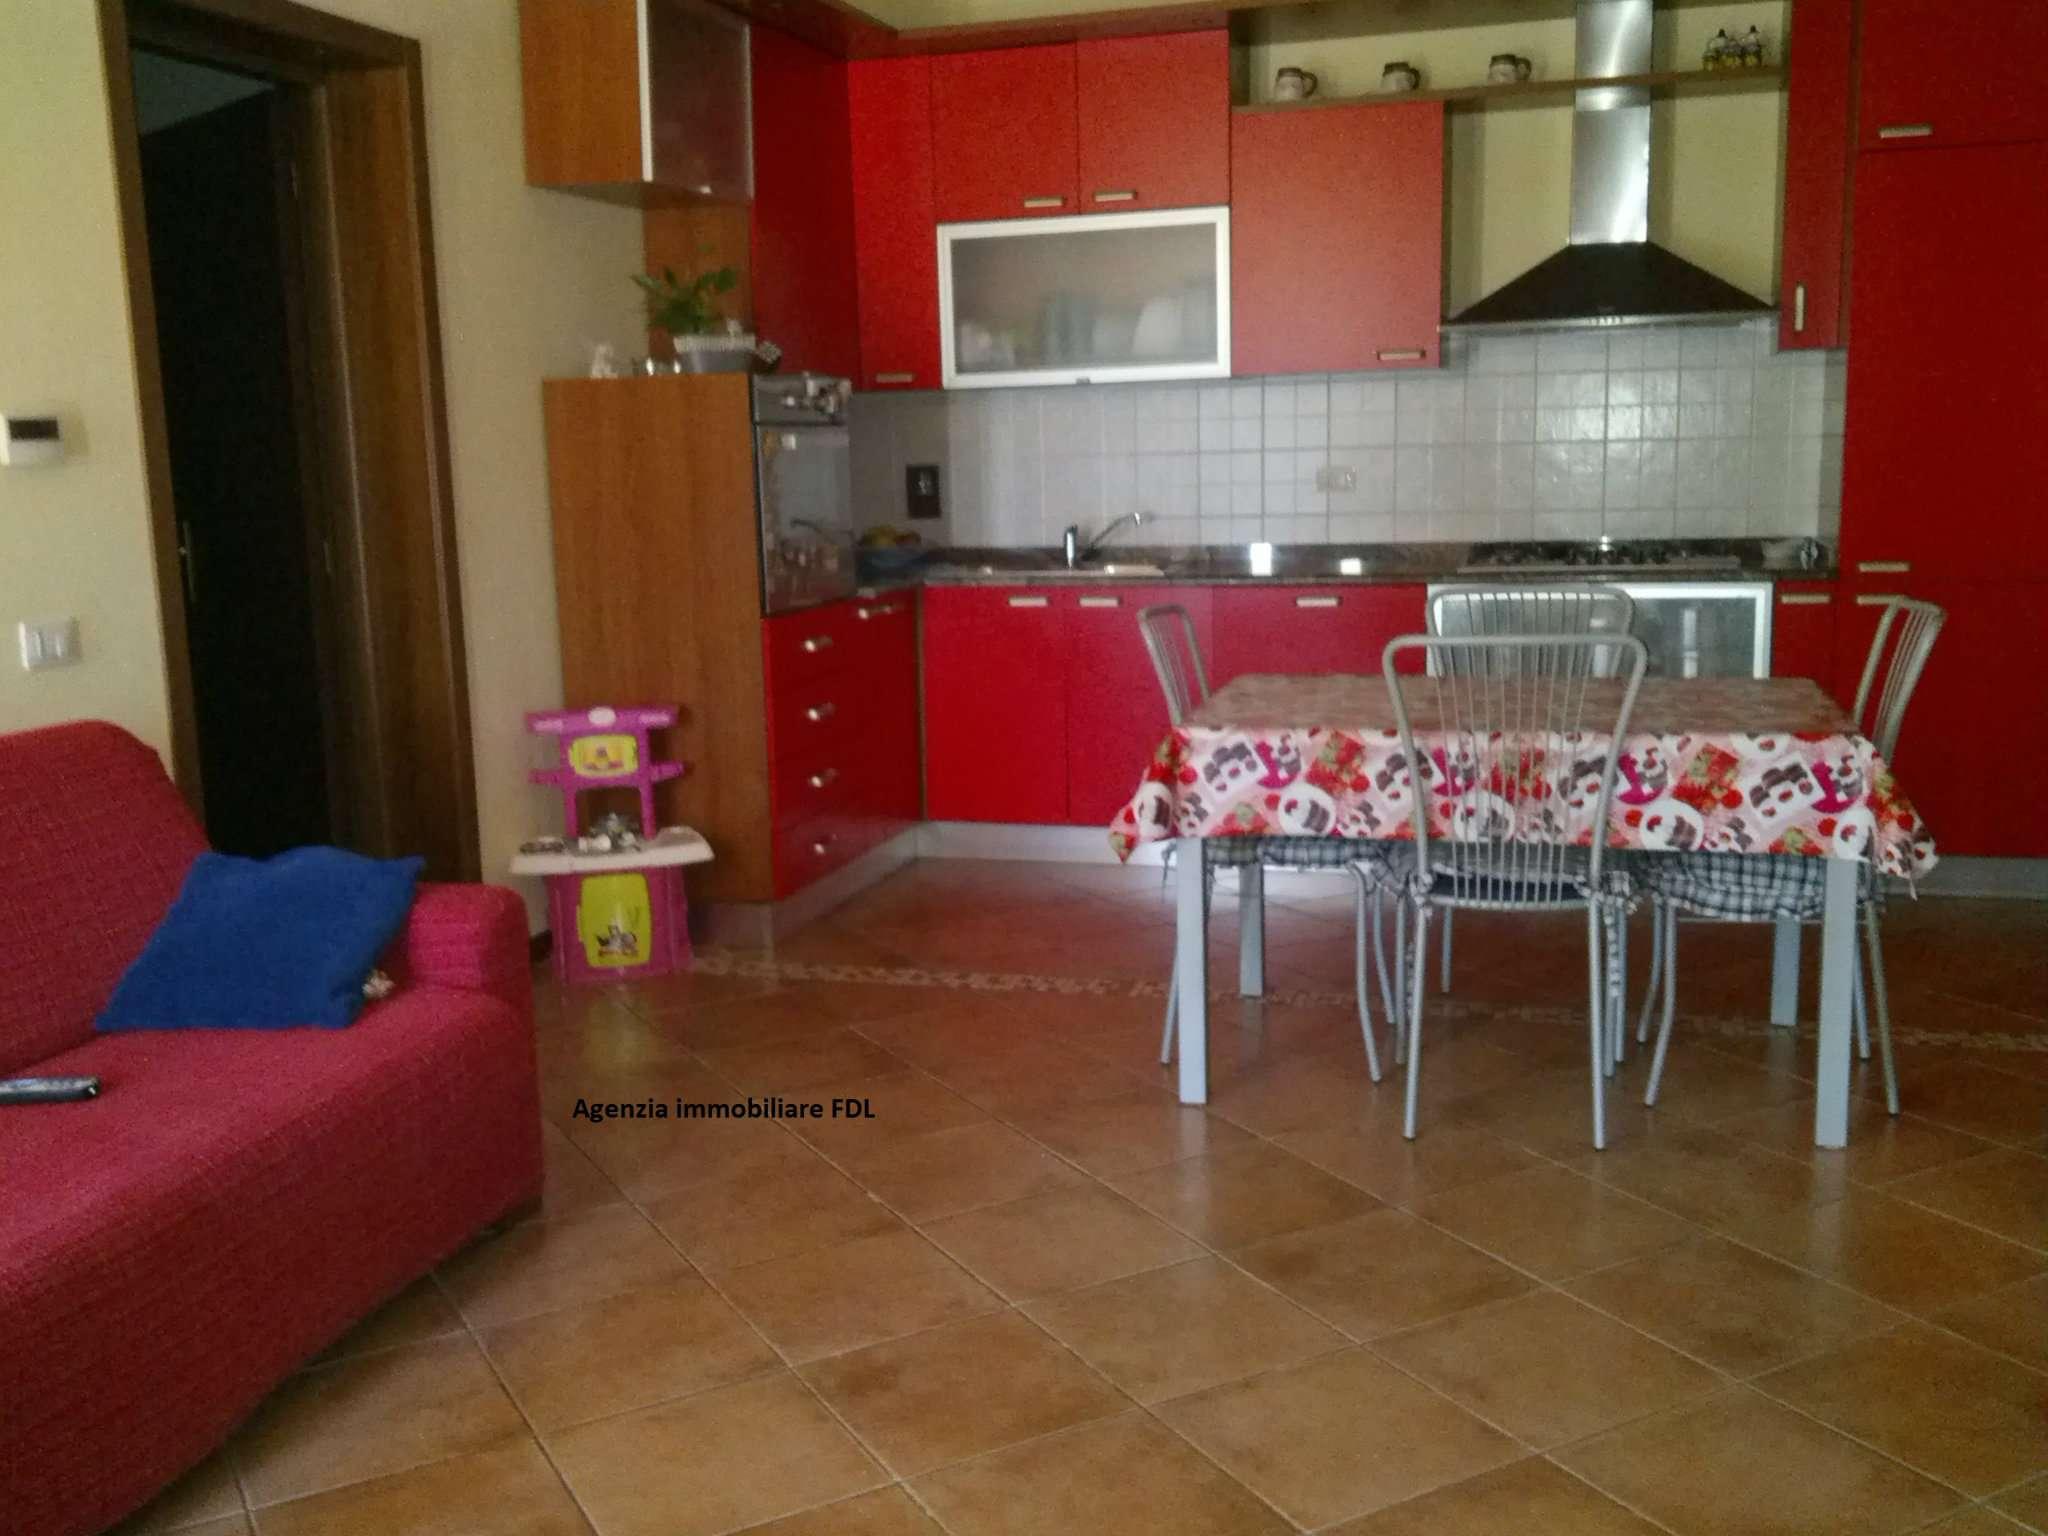 Appartamento in vendita a Montopoli in Val d'Arno, 4 locali, prezzo € 155.000 | CambioCasa.it